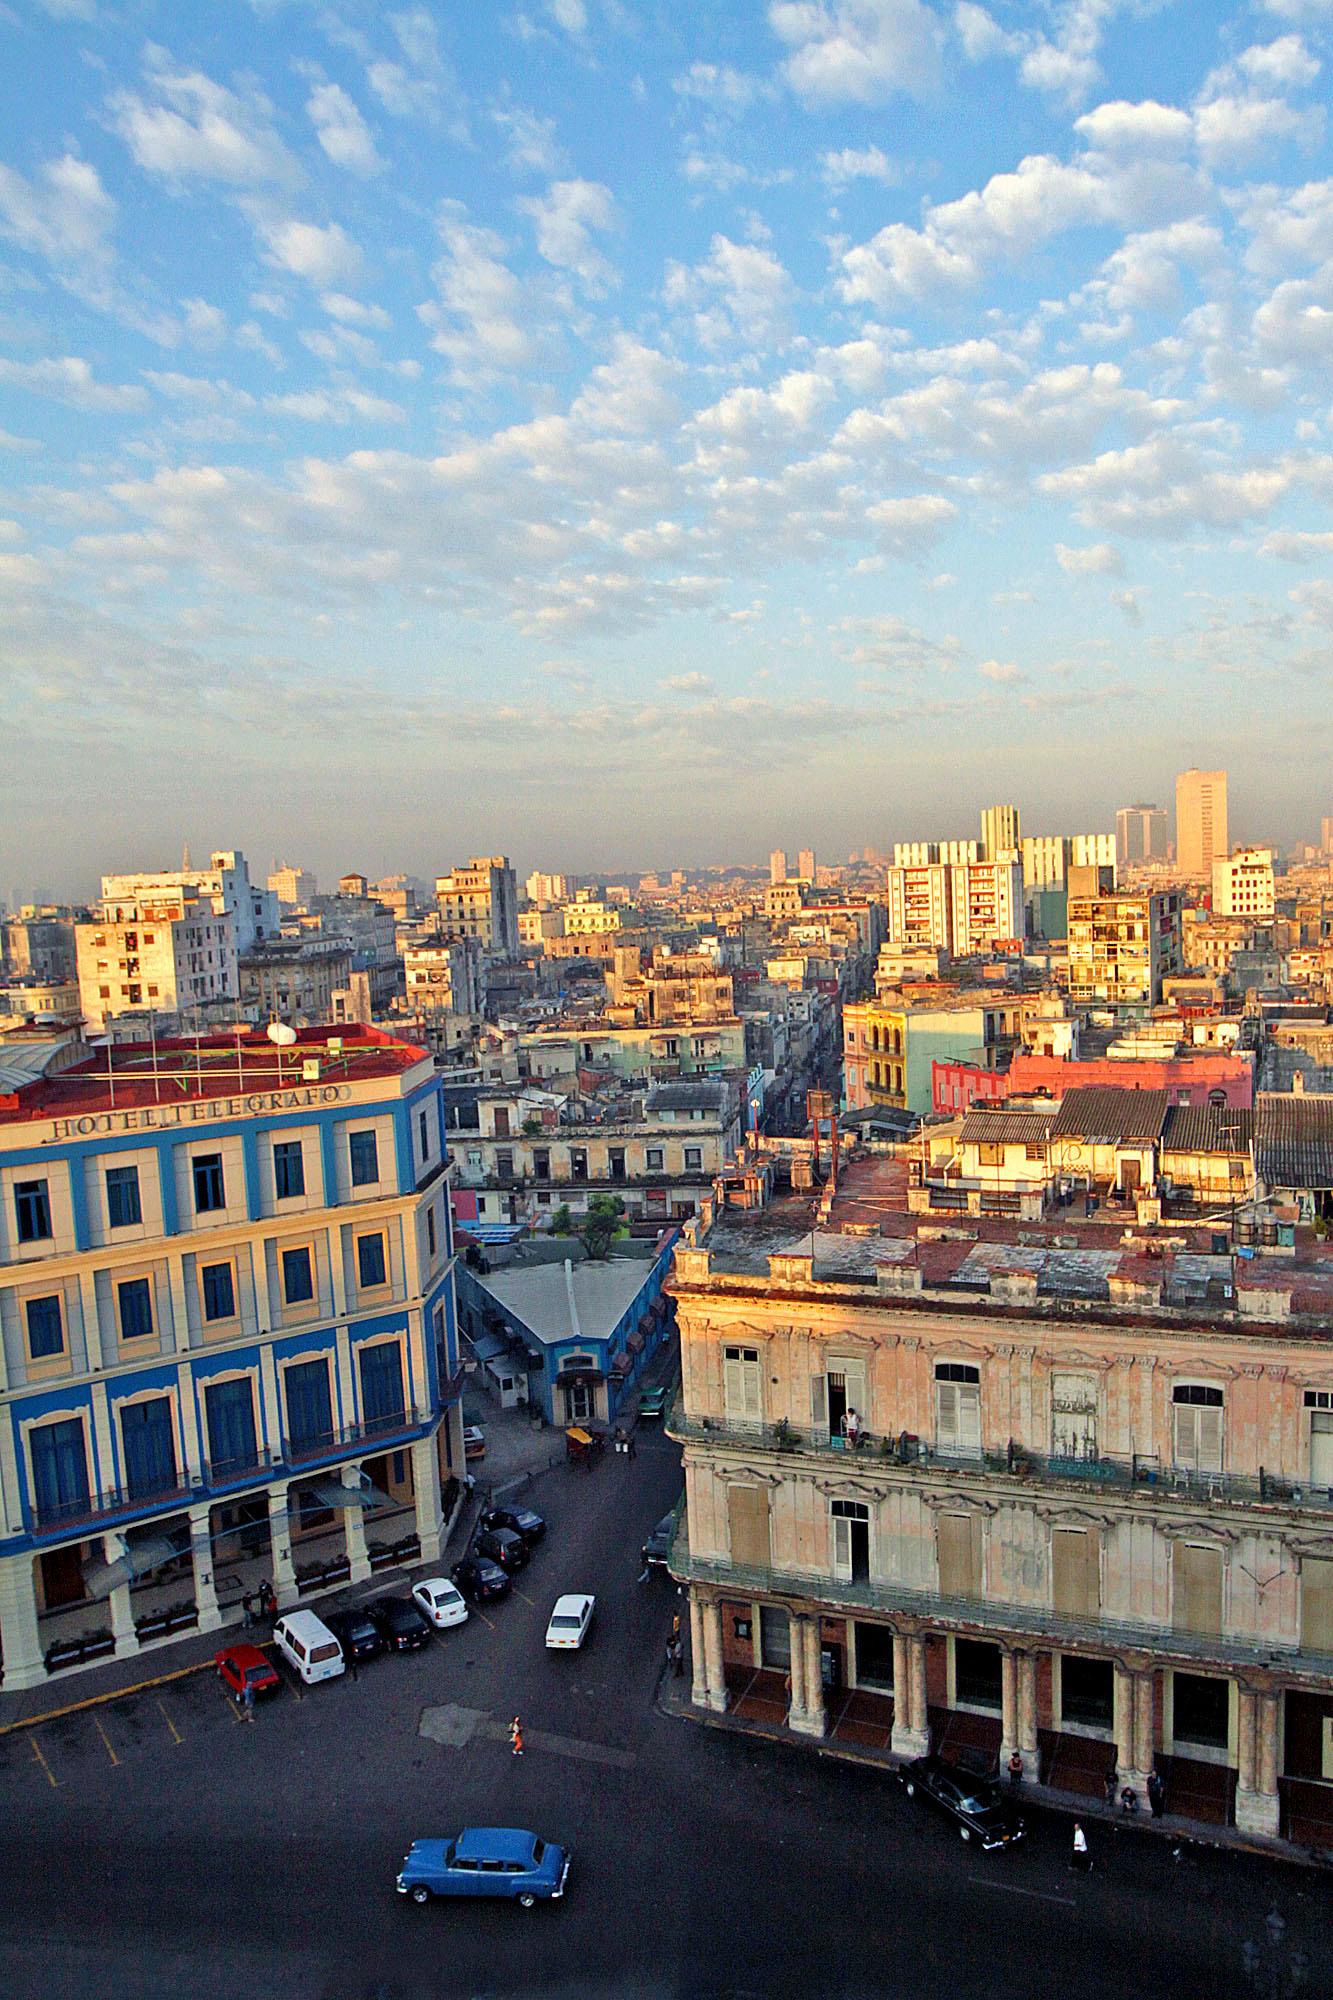 Hugh_Perry_Cuba Sunrise.jpg